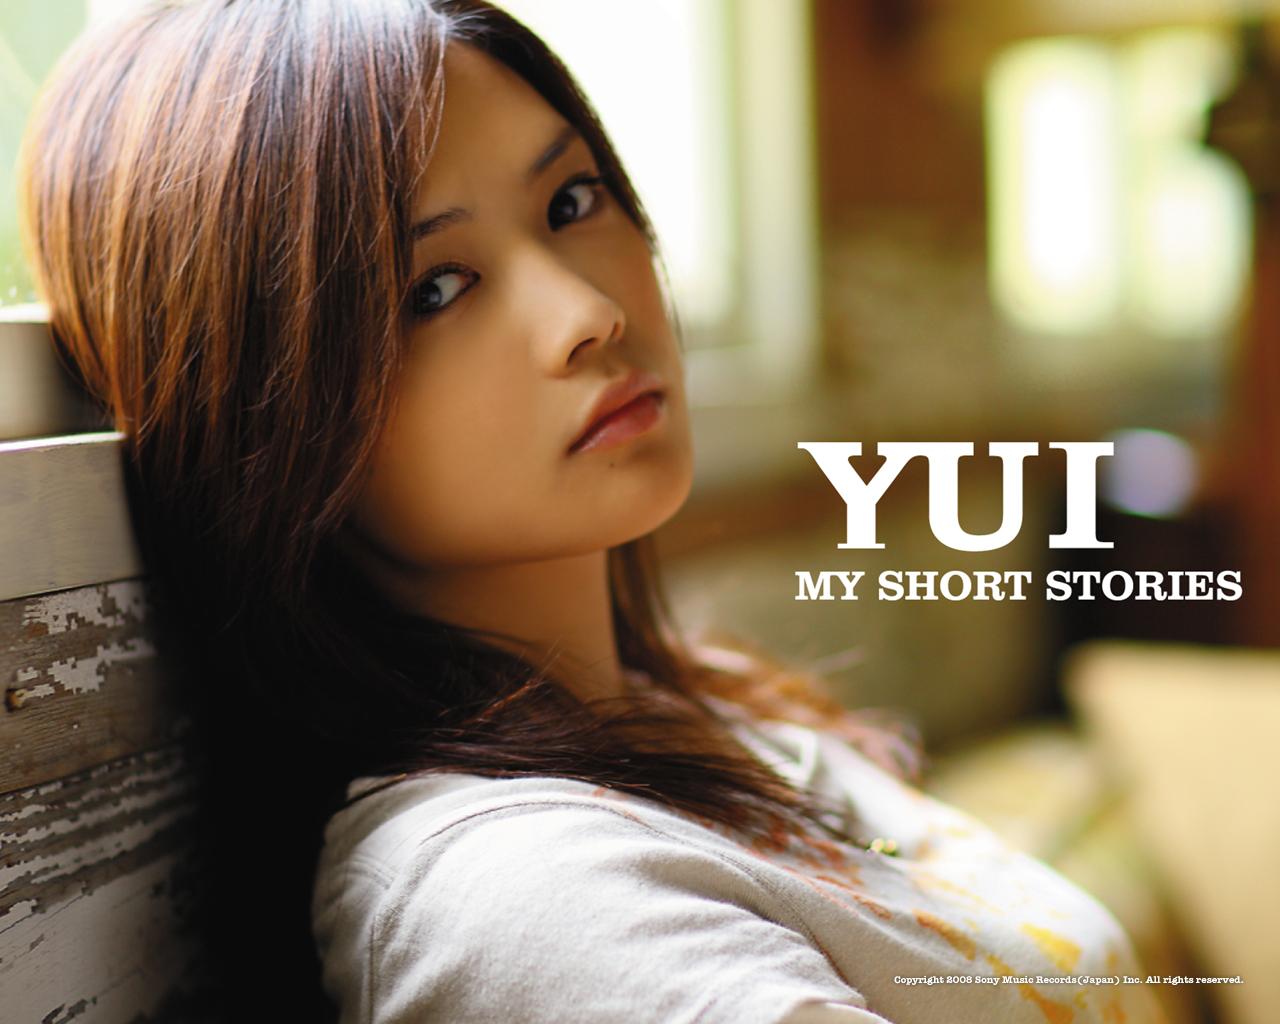 1位は大人気ラブソング!!YUIの人気曲ランキングBEST3を発表のサムネイル画像